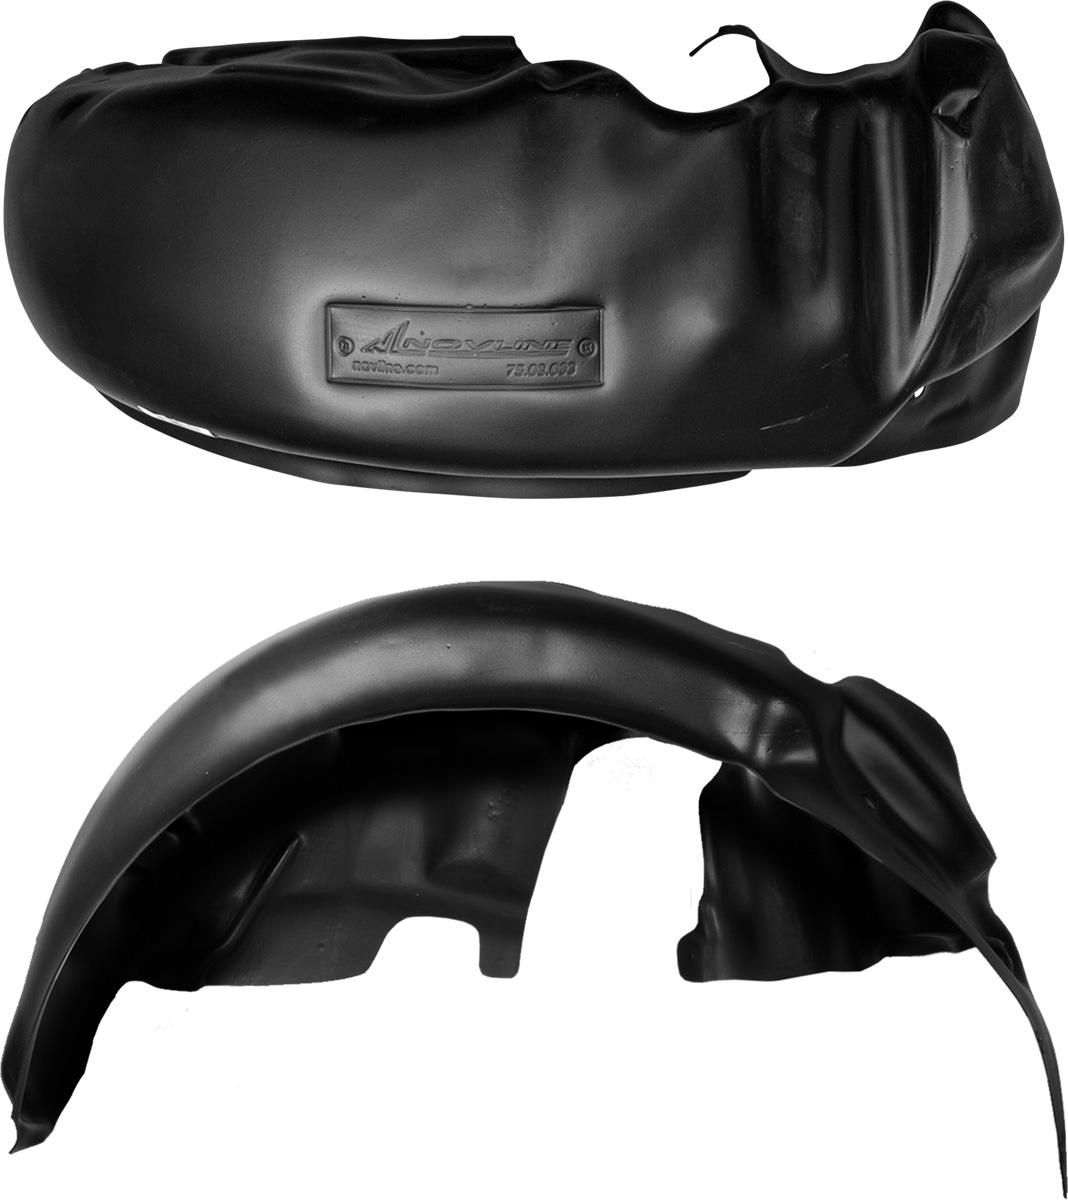 Подкрылок Novline-Autofamily, для Nissan Almera, 2012->, задний левыйNLL.36.37.003Колесные ниши - одни из самых уязвимых зон днища вашего автомобиля. Они постоянно подвергаются воздействию со стороны дороги. Лучшая, почти абсолютная защита для них - специально отформованные пластиковые кожухи, которые называются подкрылками. Производятся они как для отечественных моделей автомобилей, так и для иномарок. Подкрылки Novline-Autofamily выполнены из высококачественного, экологически чистого пластика. Обеспечивают надежную защиту кузова автомобиля от пескоструйного эффекта и негативного влияния, агрессивных антигололедных реагентов. Пластик обладает более низкой теплопроводностью, чем металл, поэтому в зимний период эксплуатации использование пластиковых подкрылков позволяет лучше защитить колесные ниши от налипания снега и образования наледи. Оригинальность конструкции подчеркивает элегантность автомобиля, бережно защищает нанесенное на днище кузова антикоррозийное покрытие и позволяет осуществить крепление подкрылков внутри колесной арки практически без...